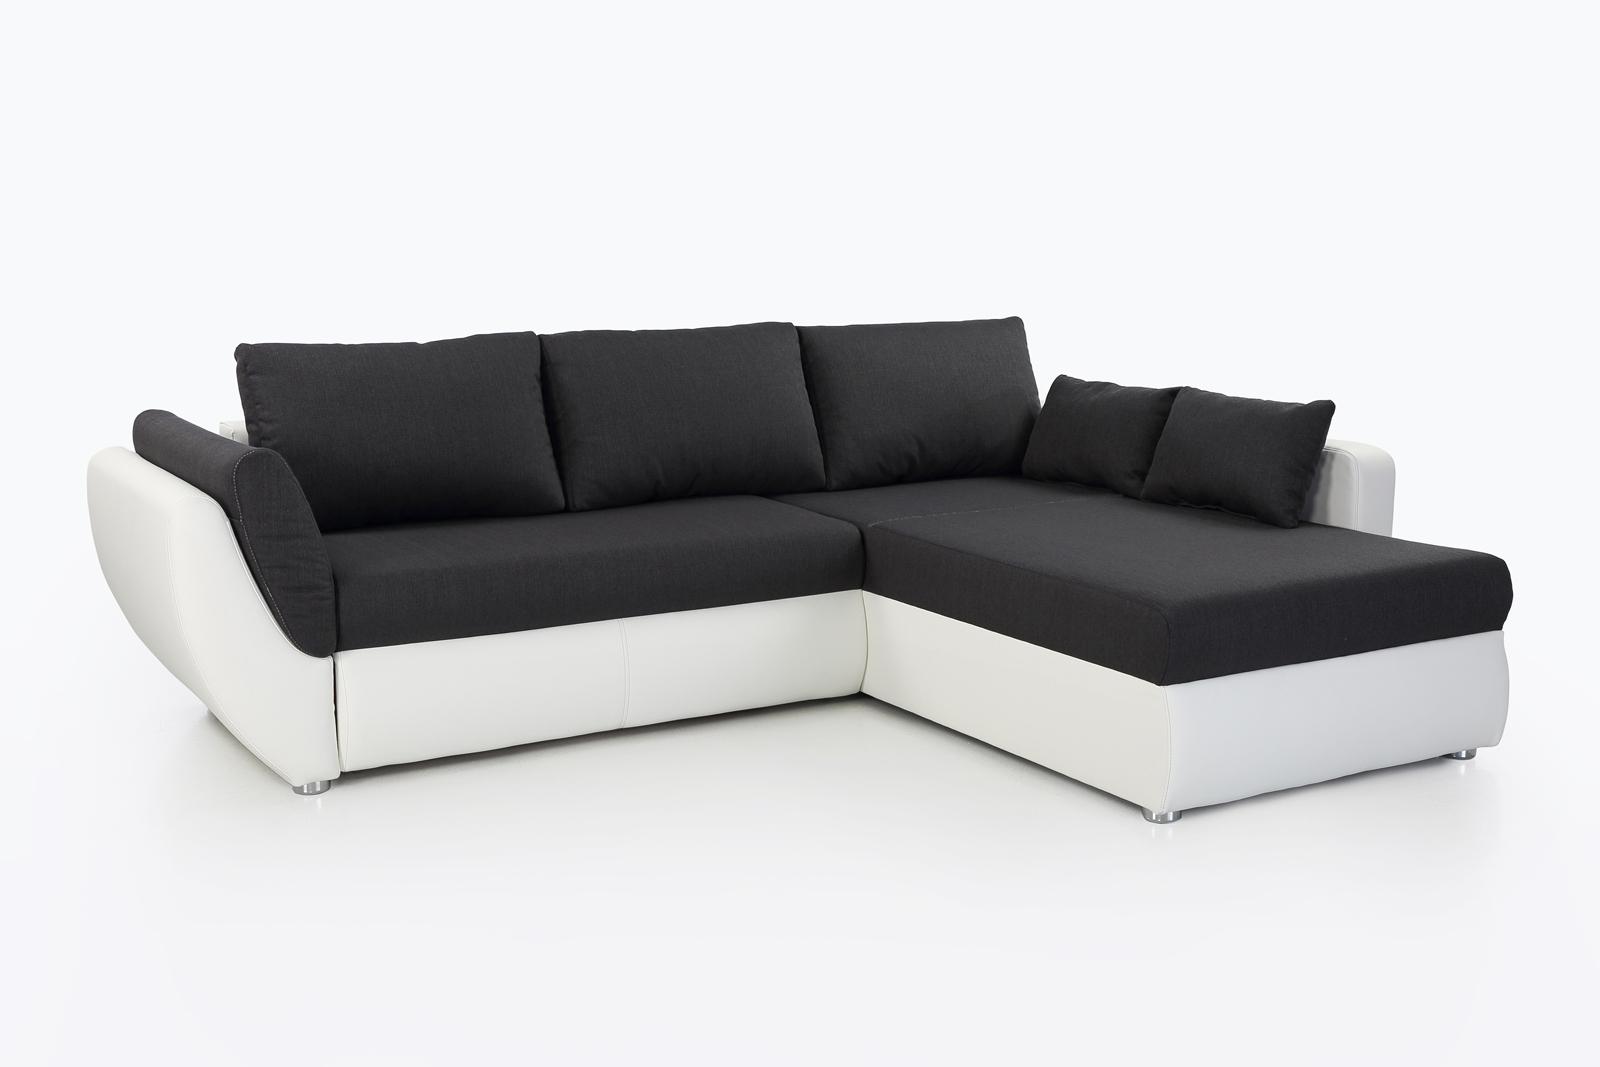 172280 funktionssofa mit bettkasten weiss schwarz ebay. Black Bedroom Furniture Sets. Home Design Ideas